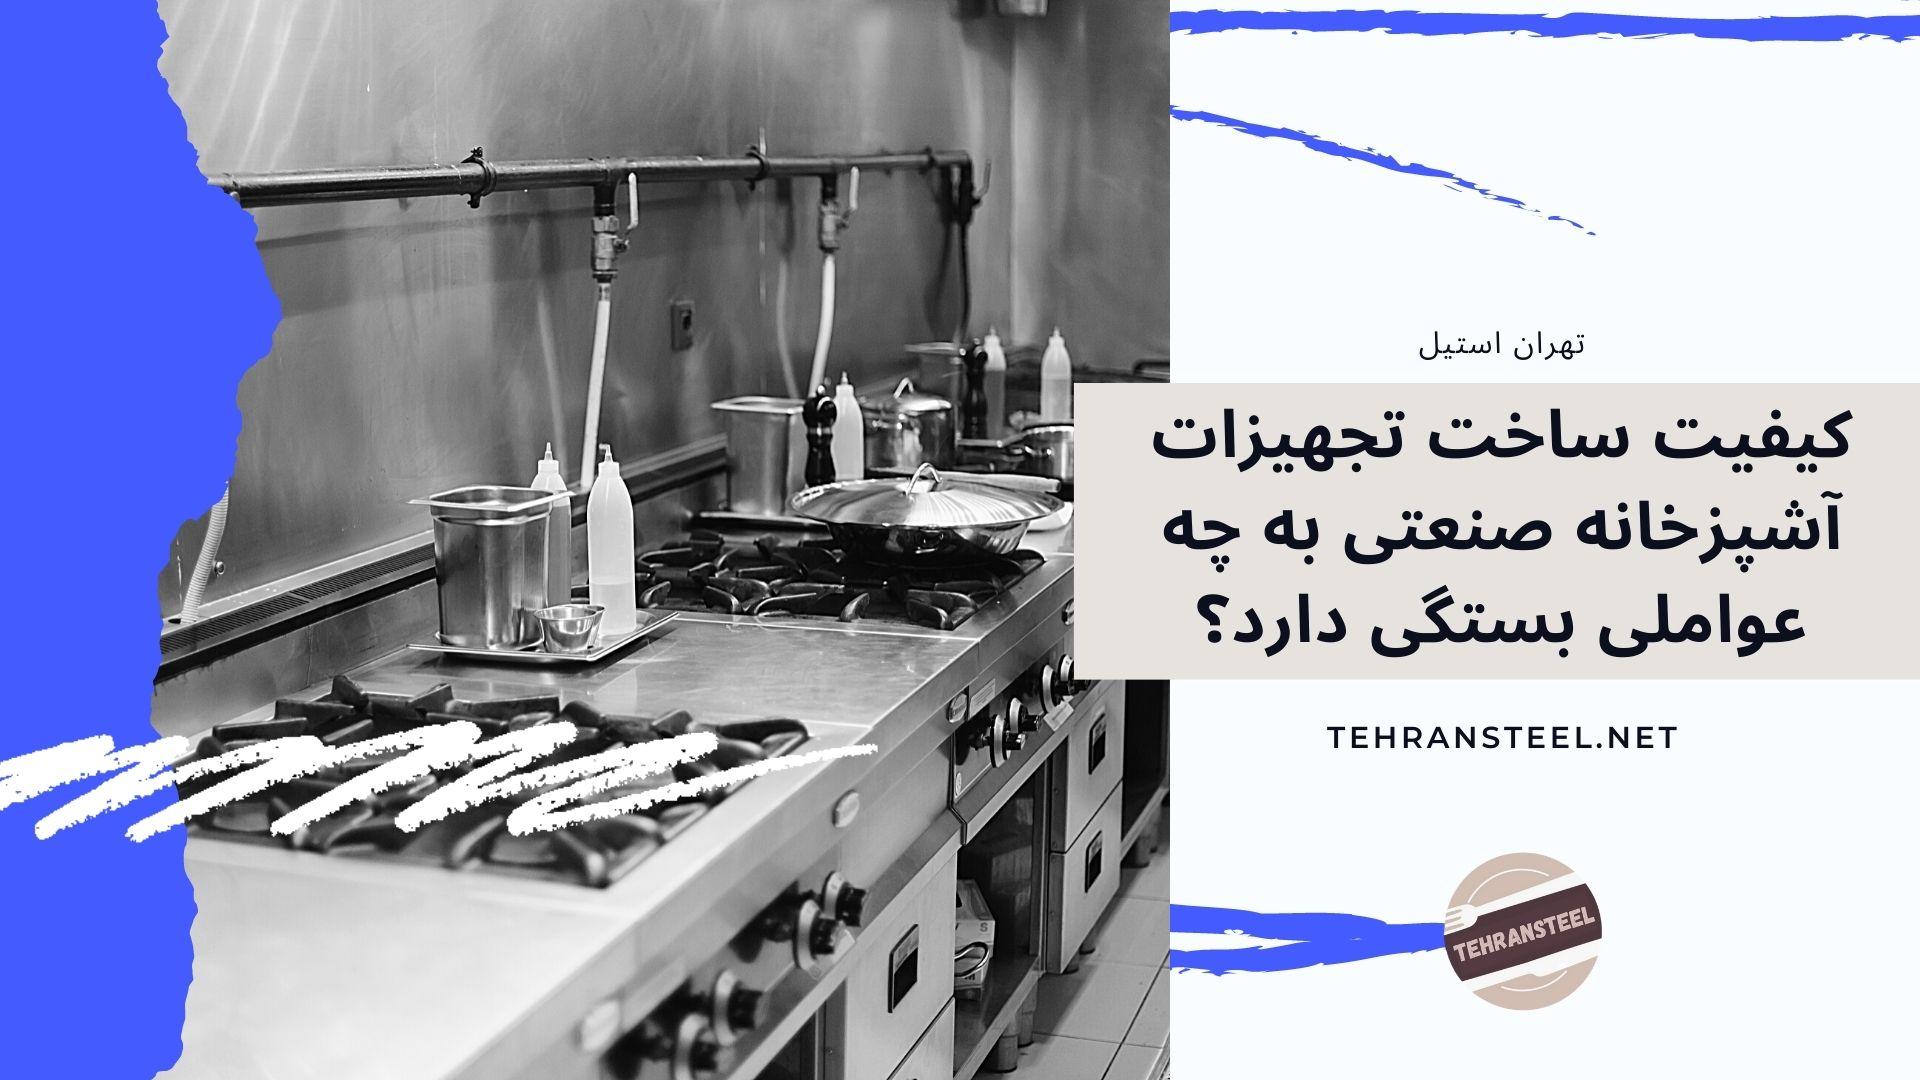 کیفیت ساخت تجهیزات آشپزخانه صنعتی به چه عواملی بستگی دارد